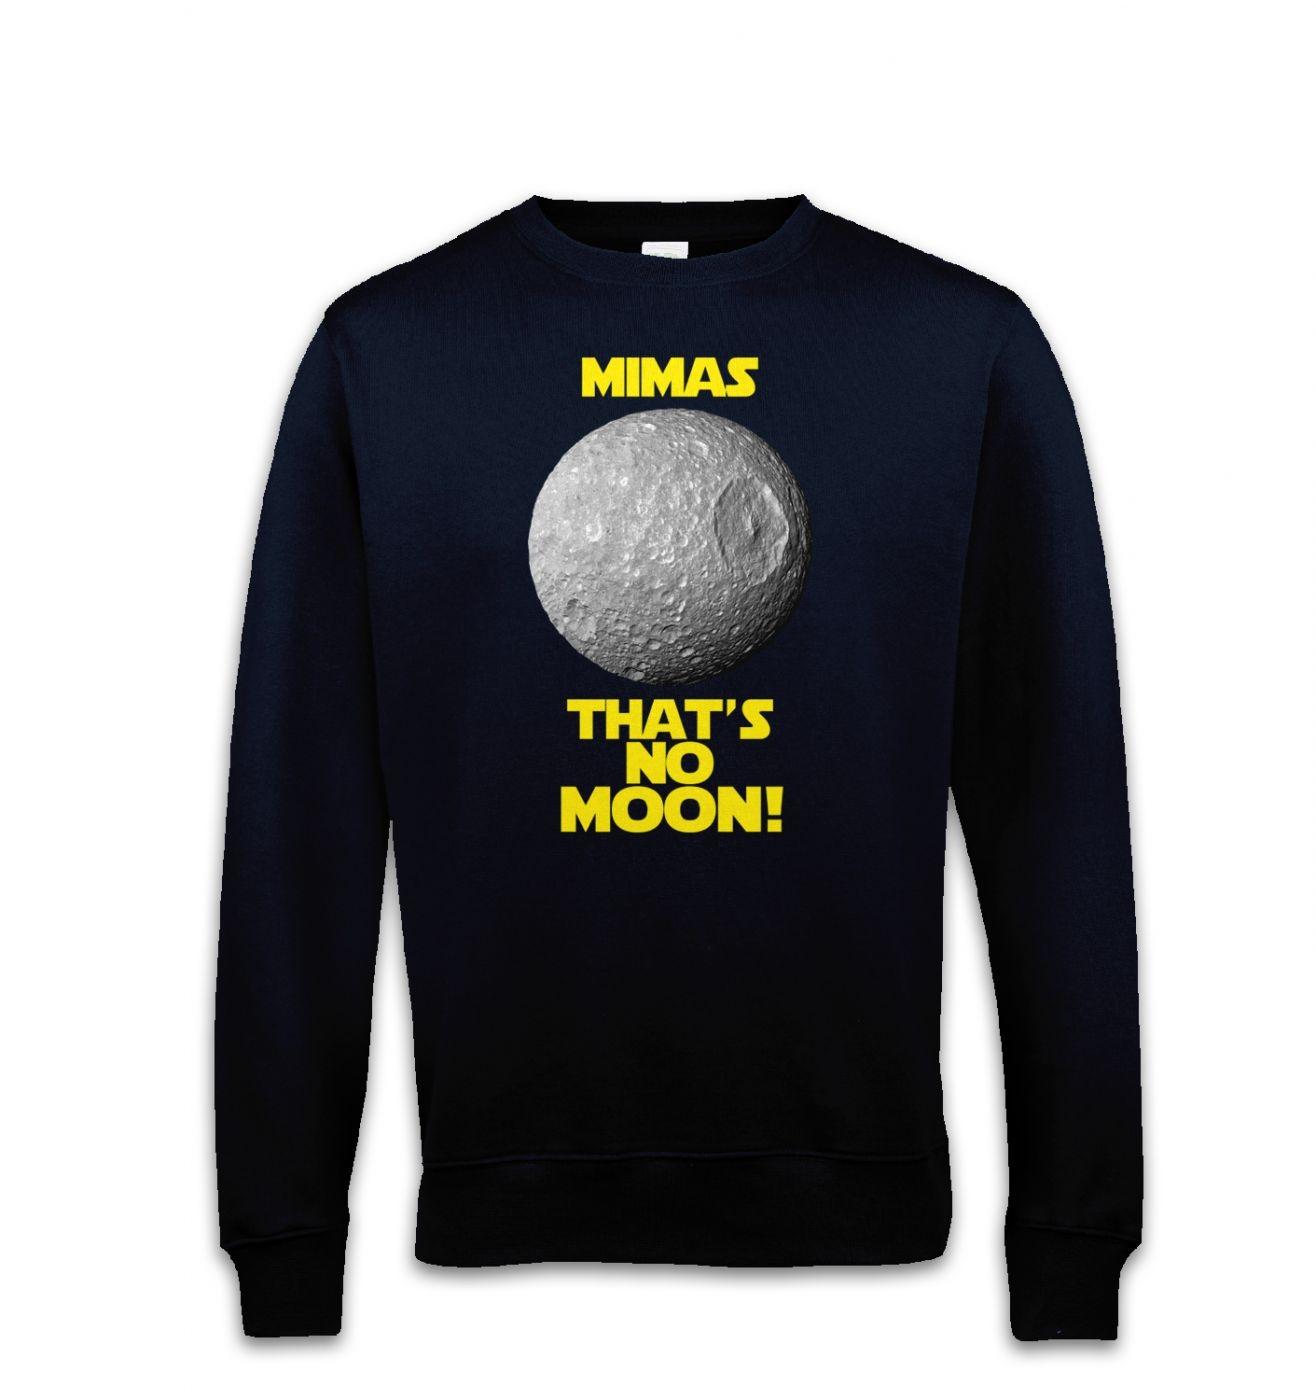 Mimas That's No Moon sweatshirt